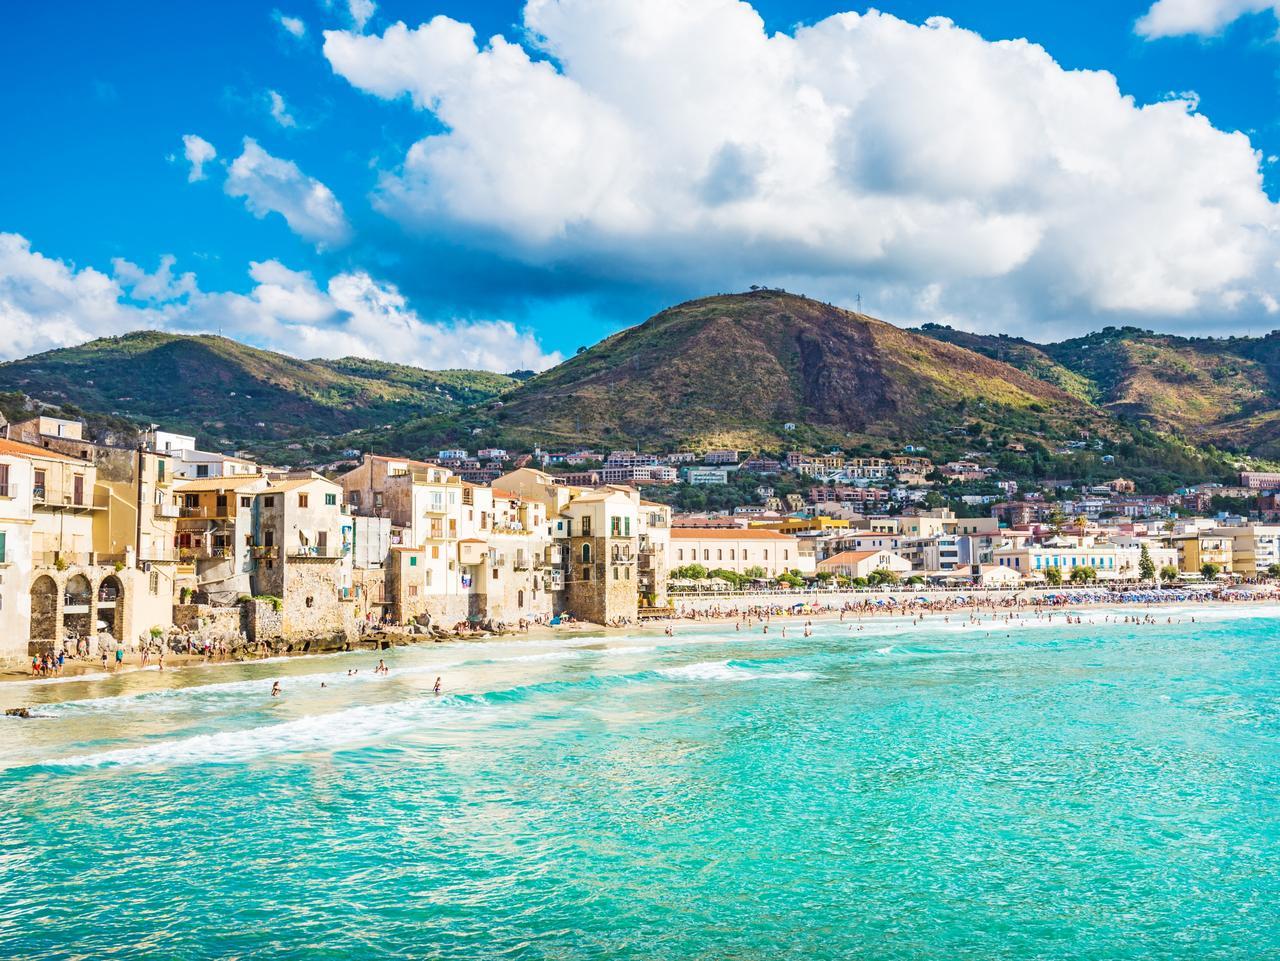 Cefalu panoramic view, Sicily,Italy.